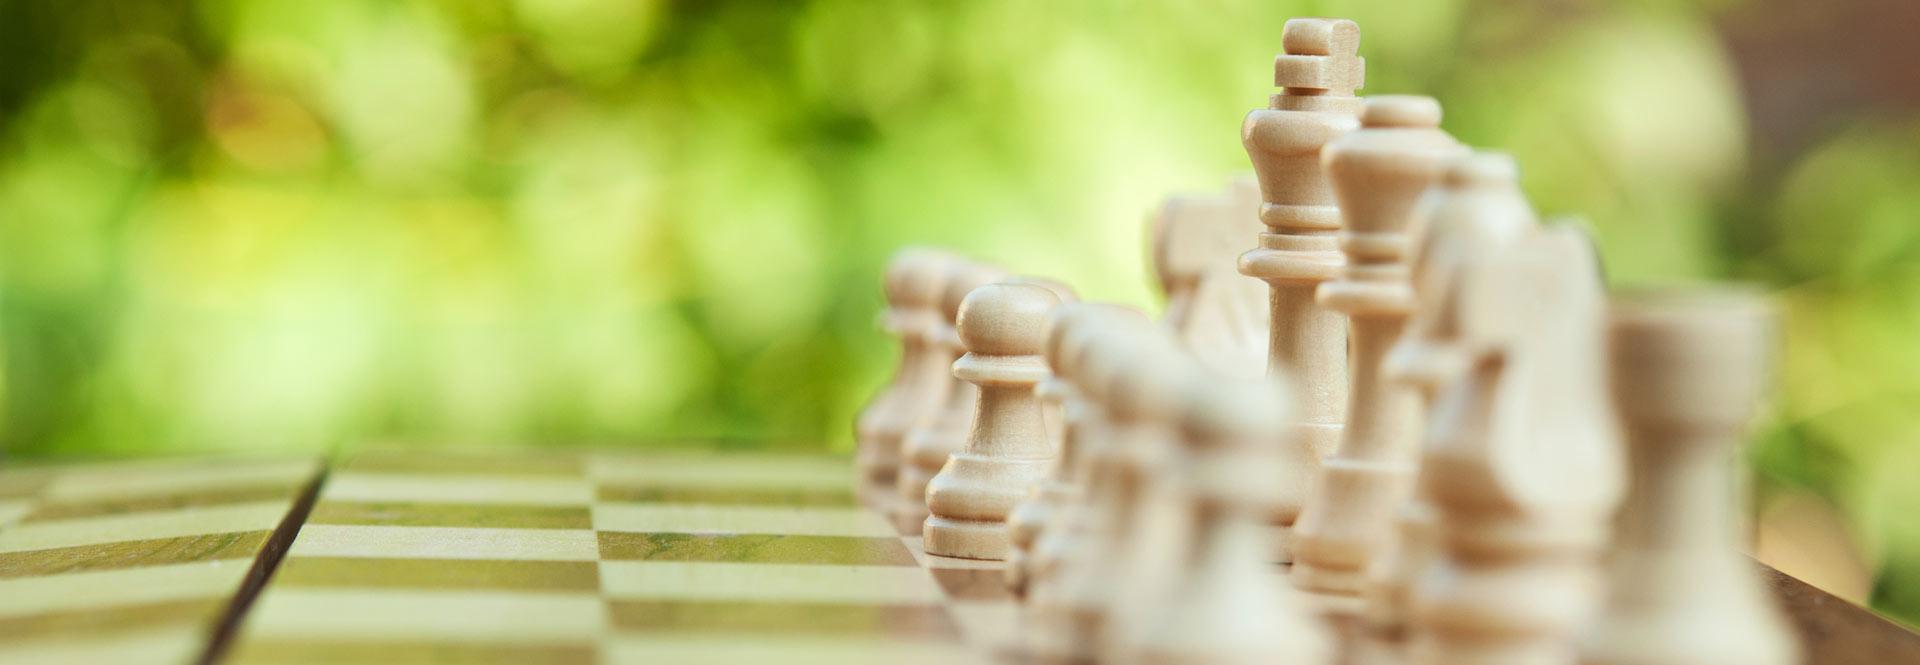 Zug um Zug Schachbrett